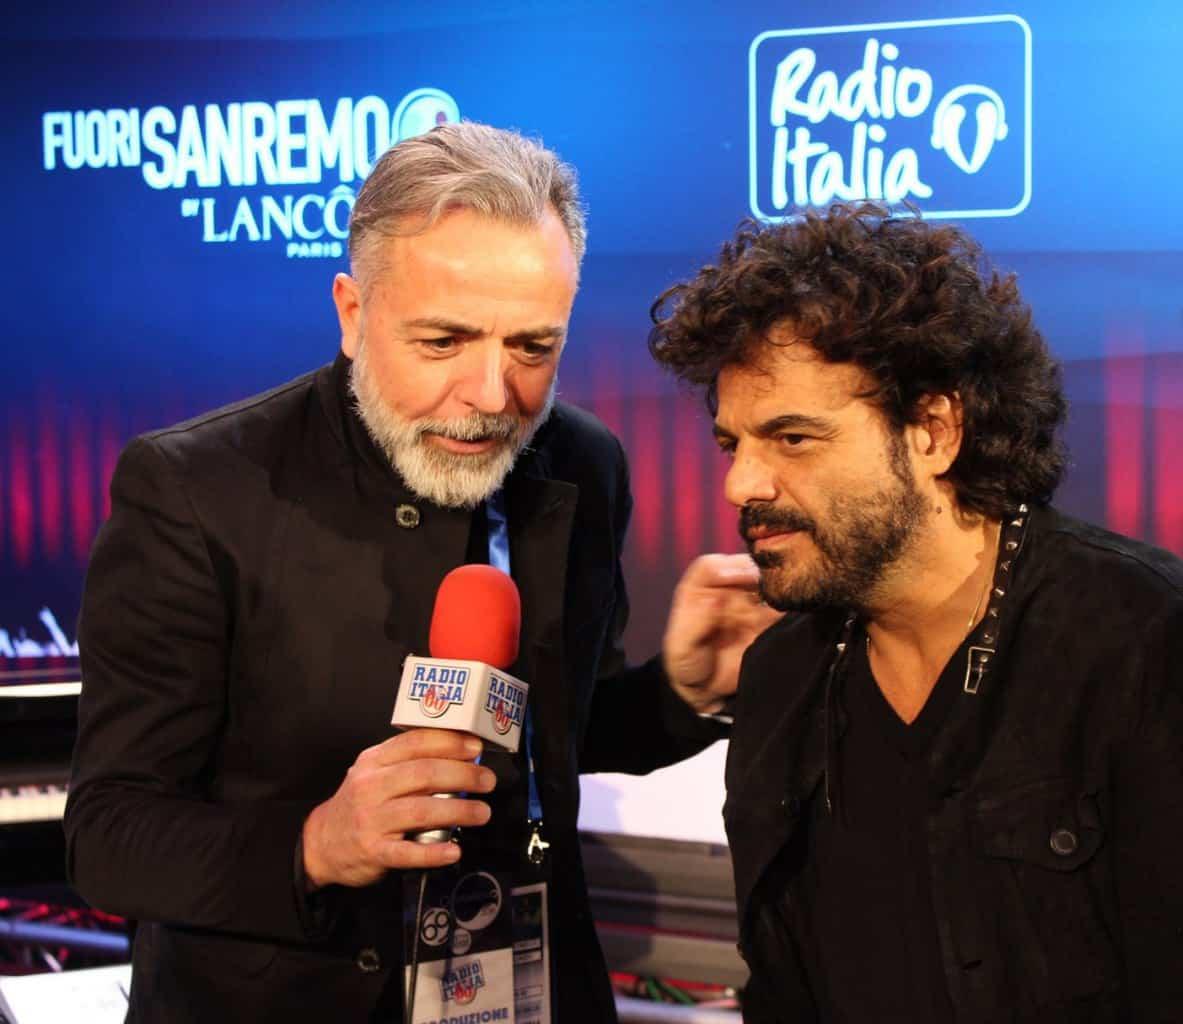 Maurizio Martinelli Ascoltate Container perché conosco la musica